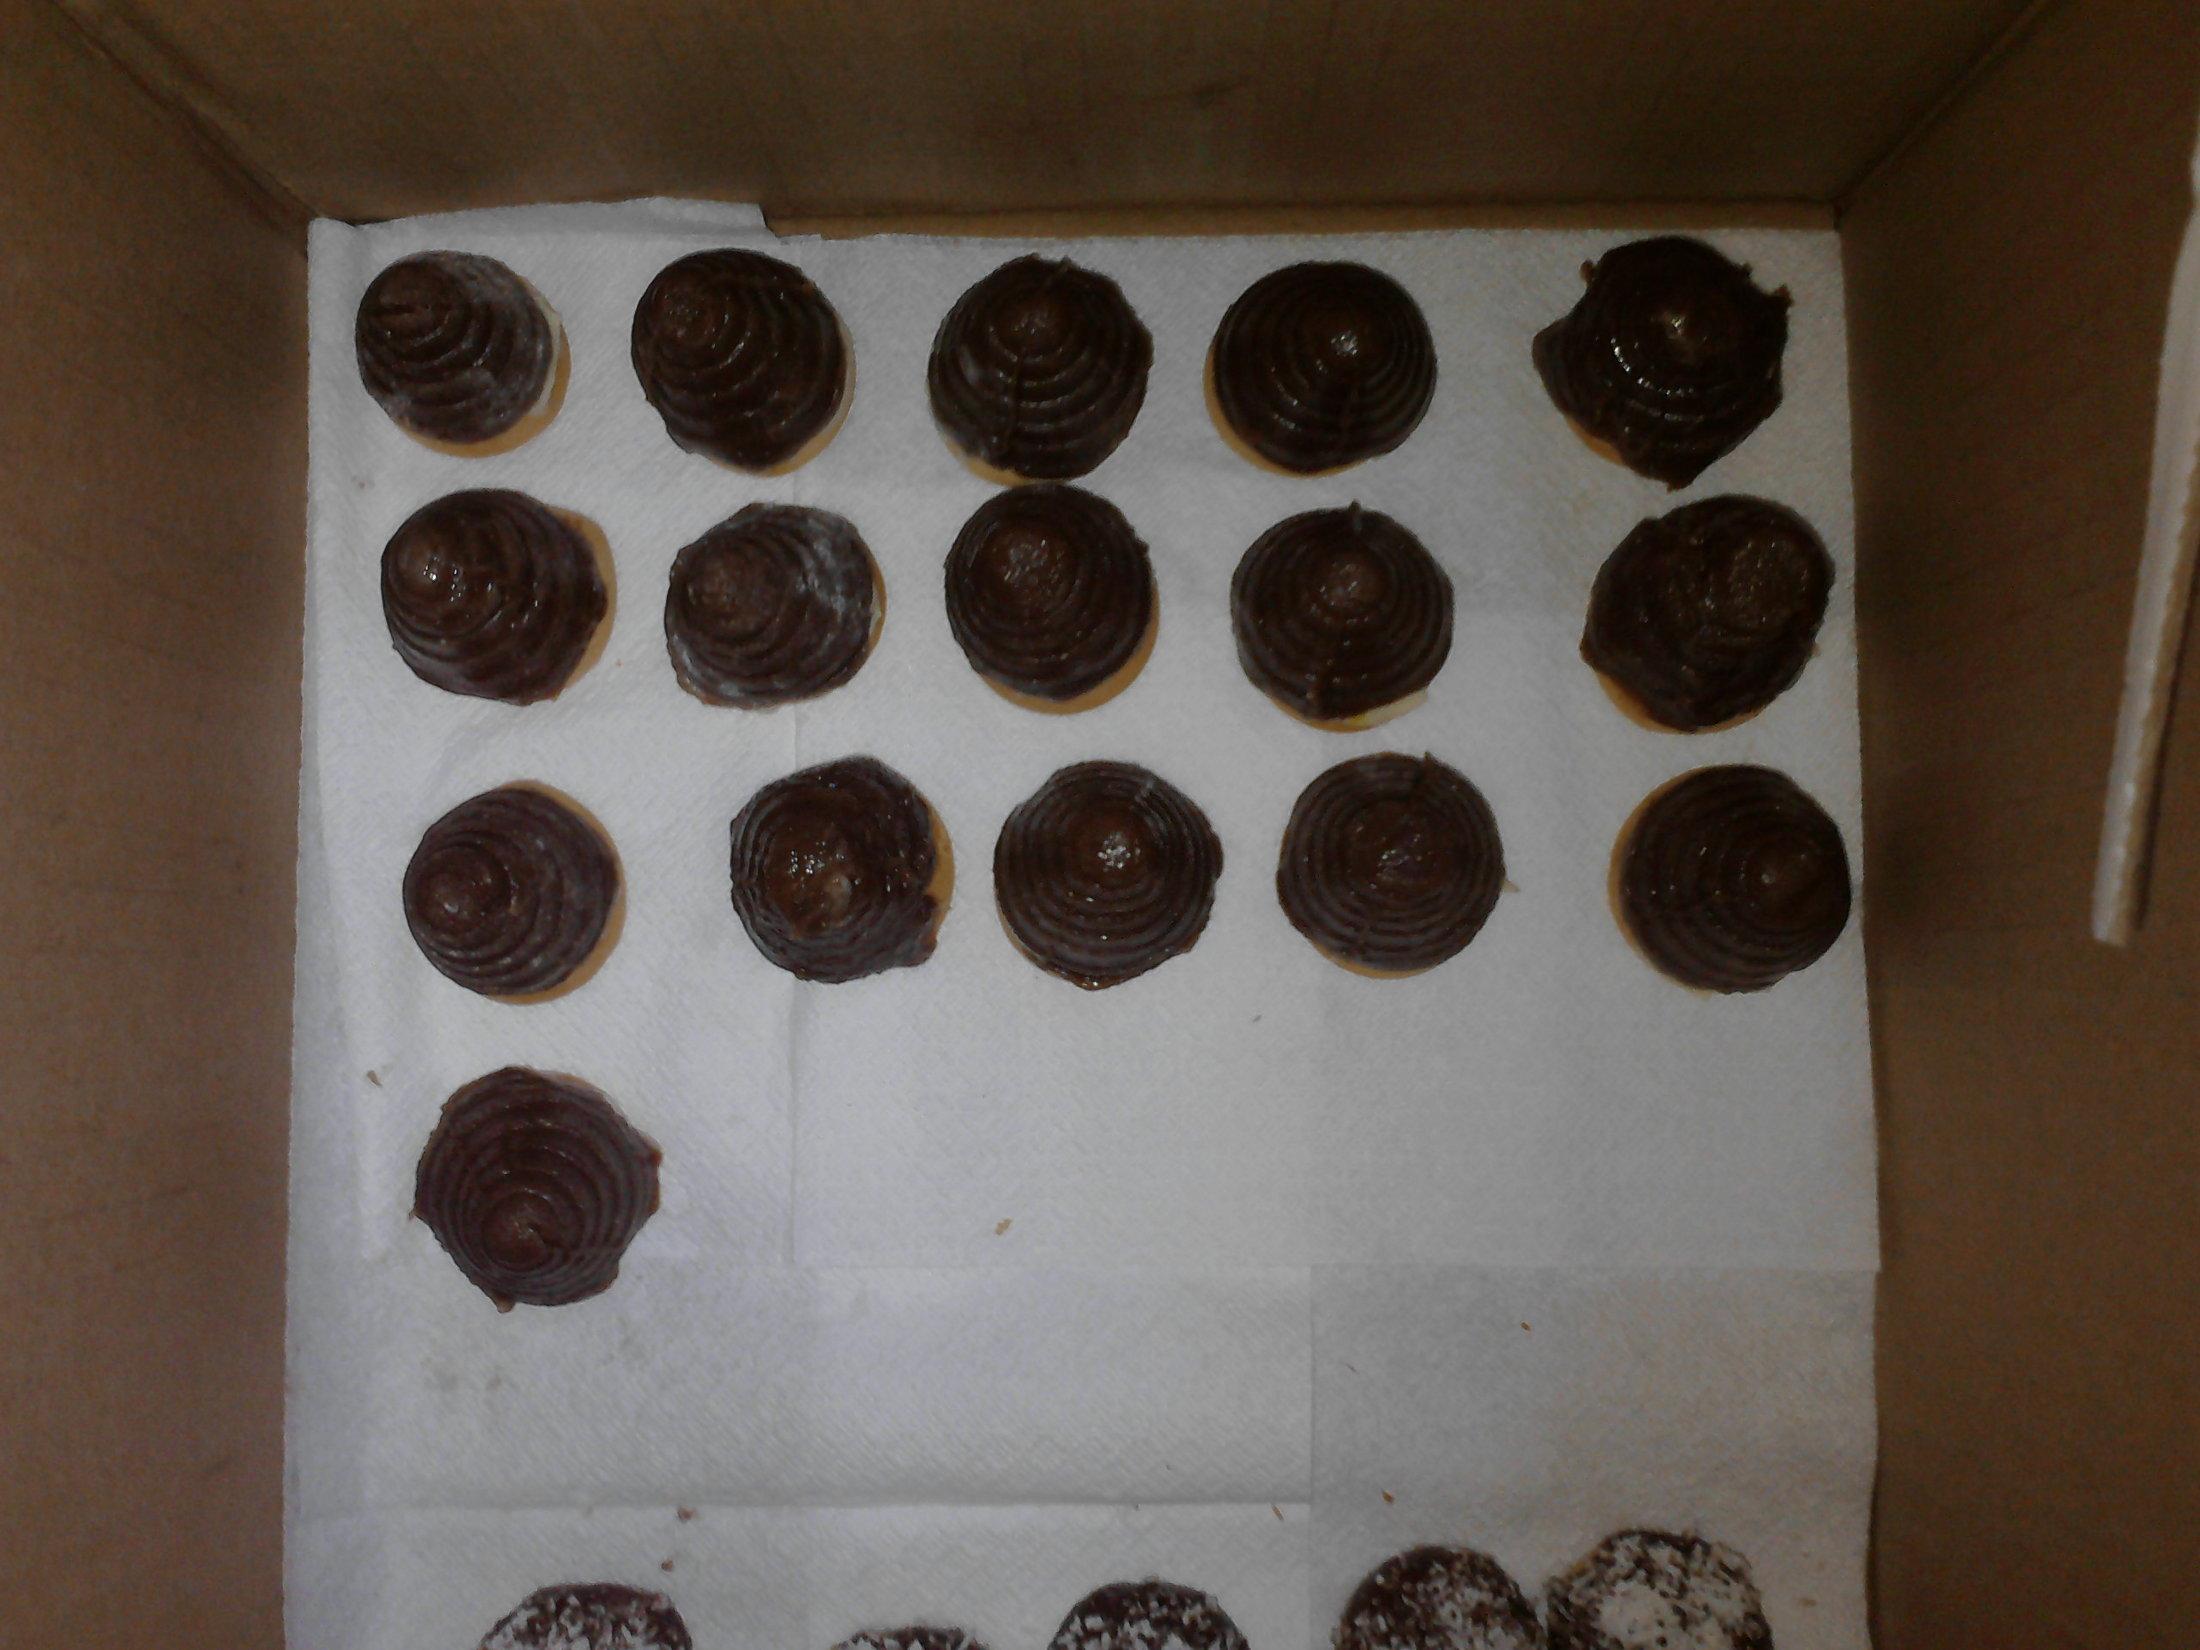 Recept Jednoduchá vosí hnízda - :-) hoodně kakaové a rumové:D